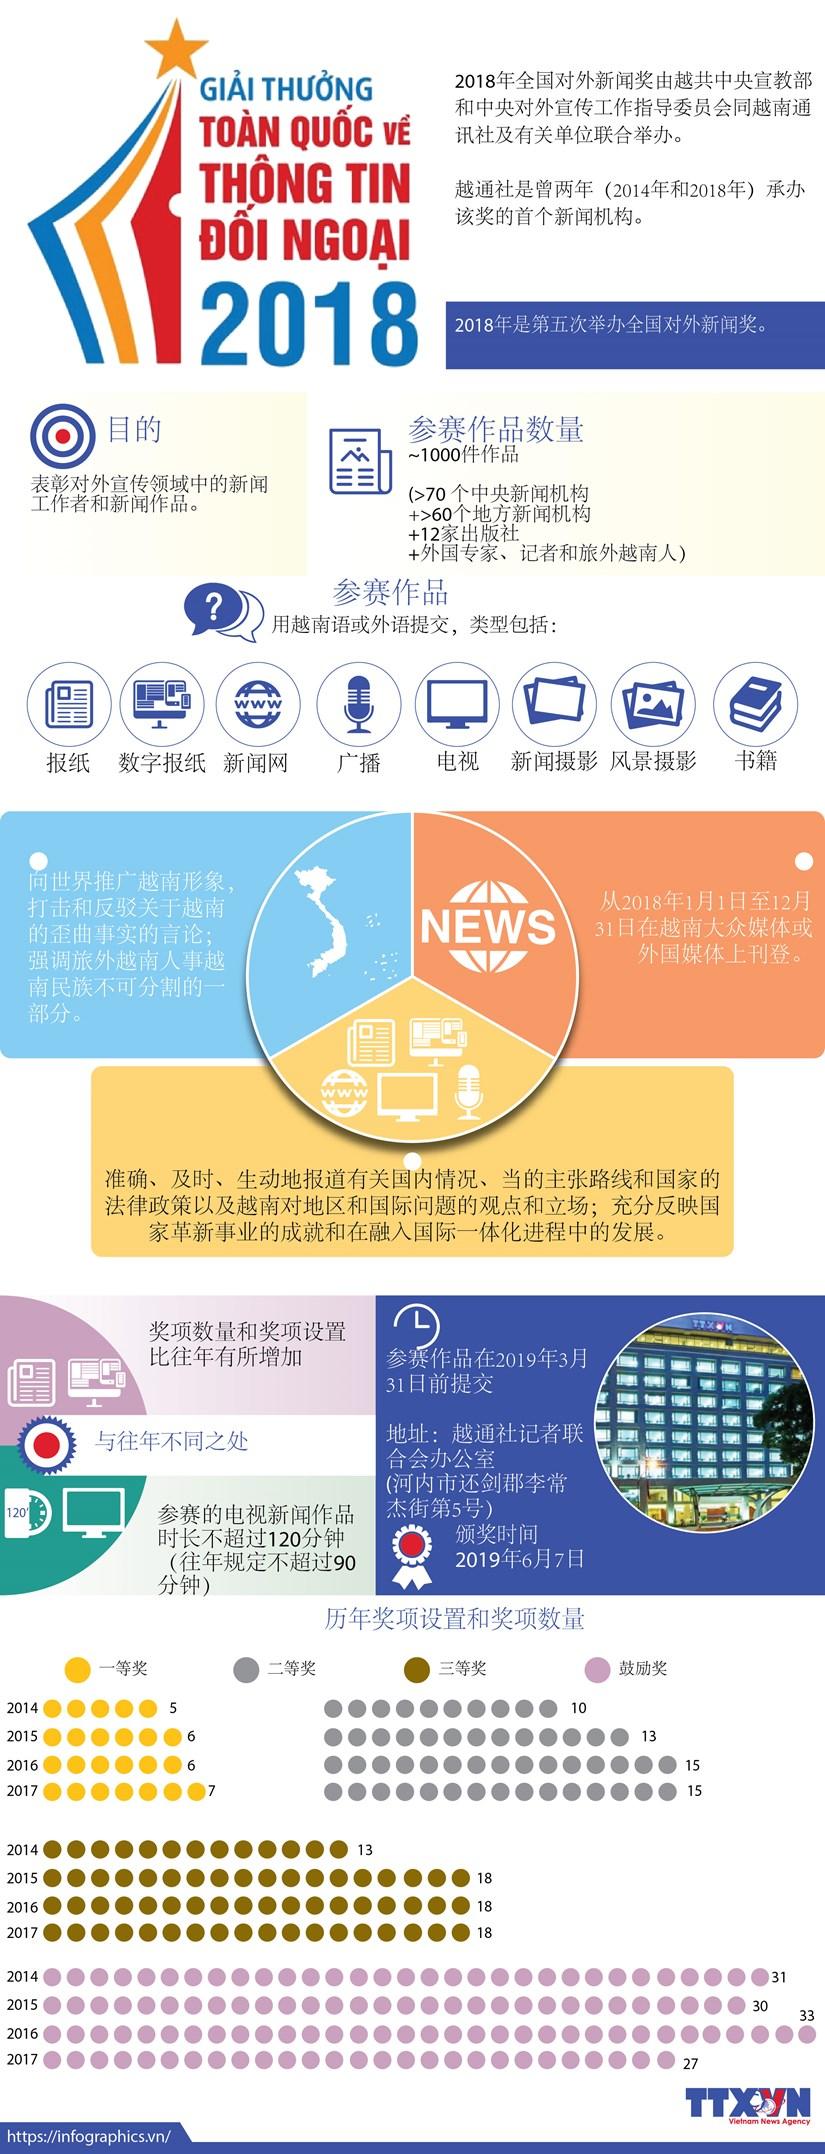 图表新闻:2018年全国对外新闻奖 hinh anh 1